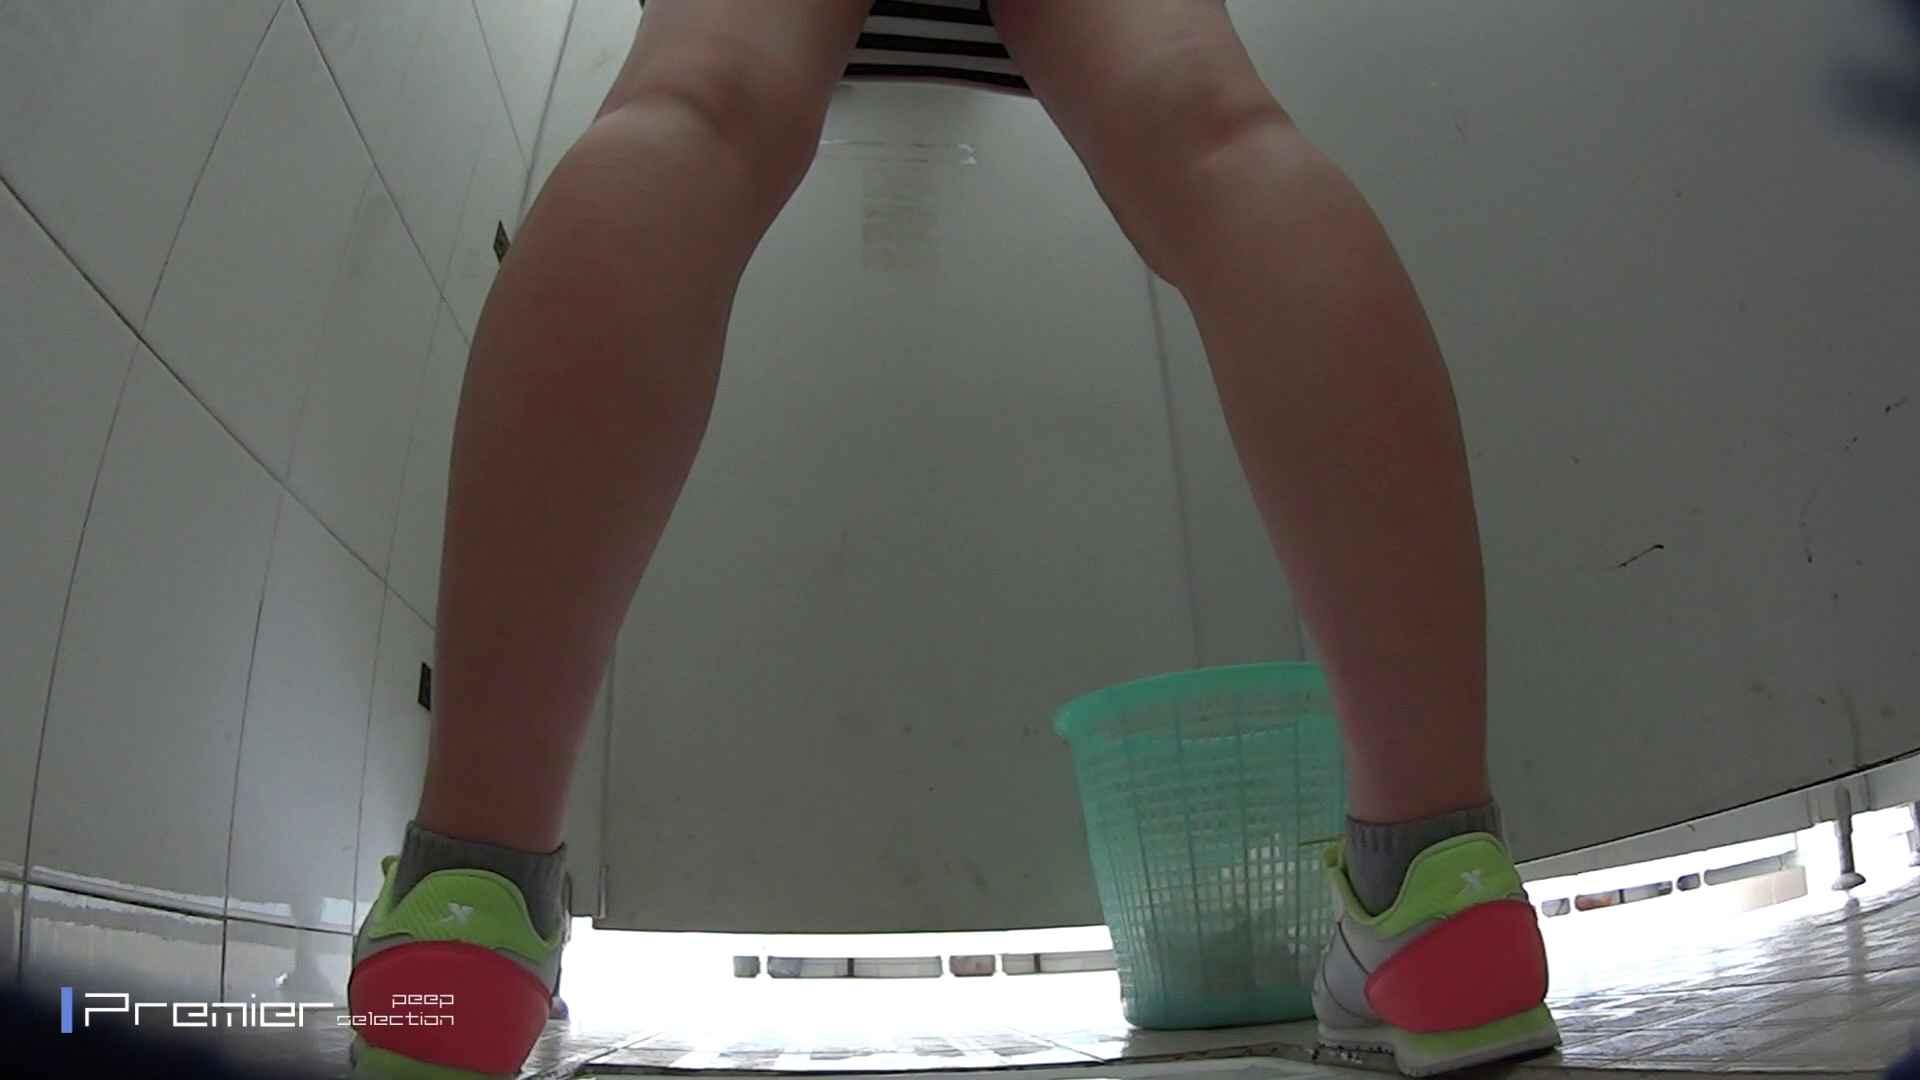 美しい女良たちのトイレ事情 有名大学休憩時間の洗面所事情06 盗撮で悶絶 ワレメ動画紹介 56画像 56